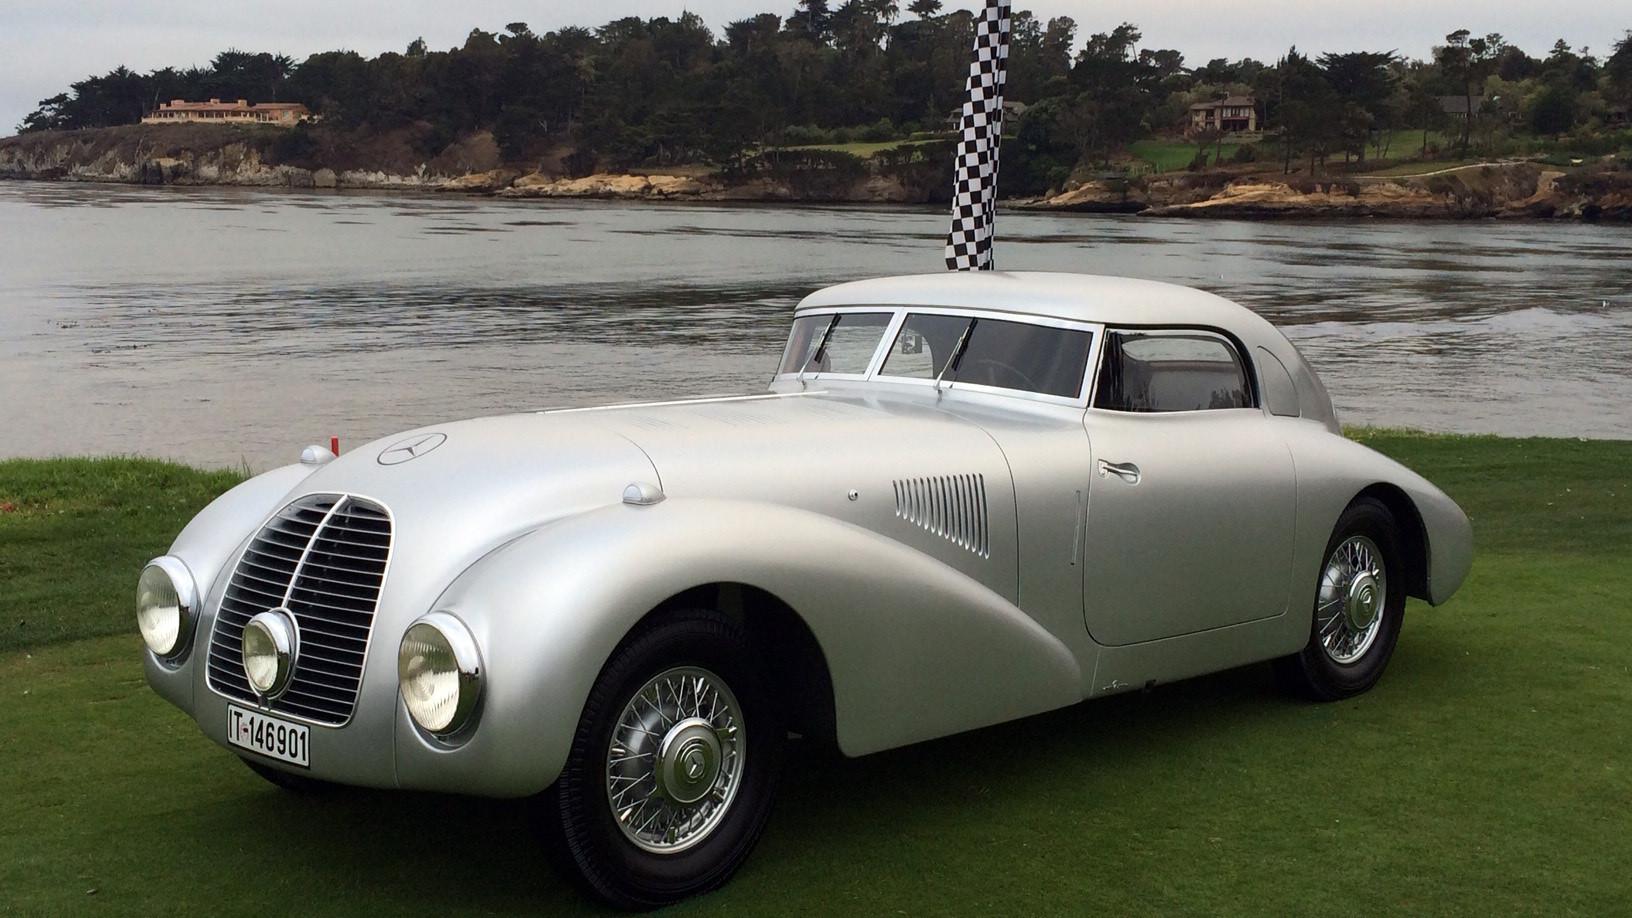 Highlights of the 2014 pebble beach car show hoy - Pebble beach car show ...